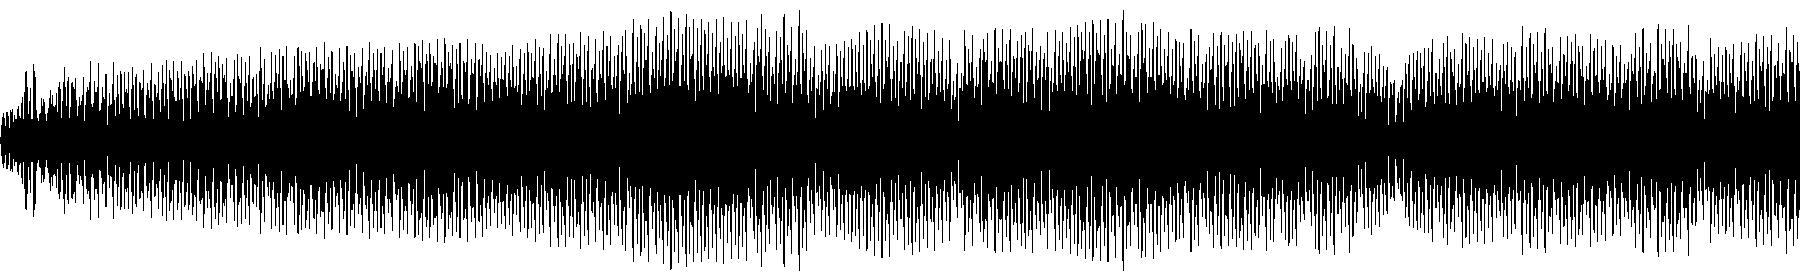 horn bass c